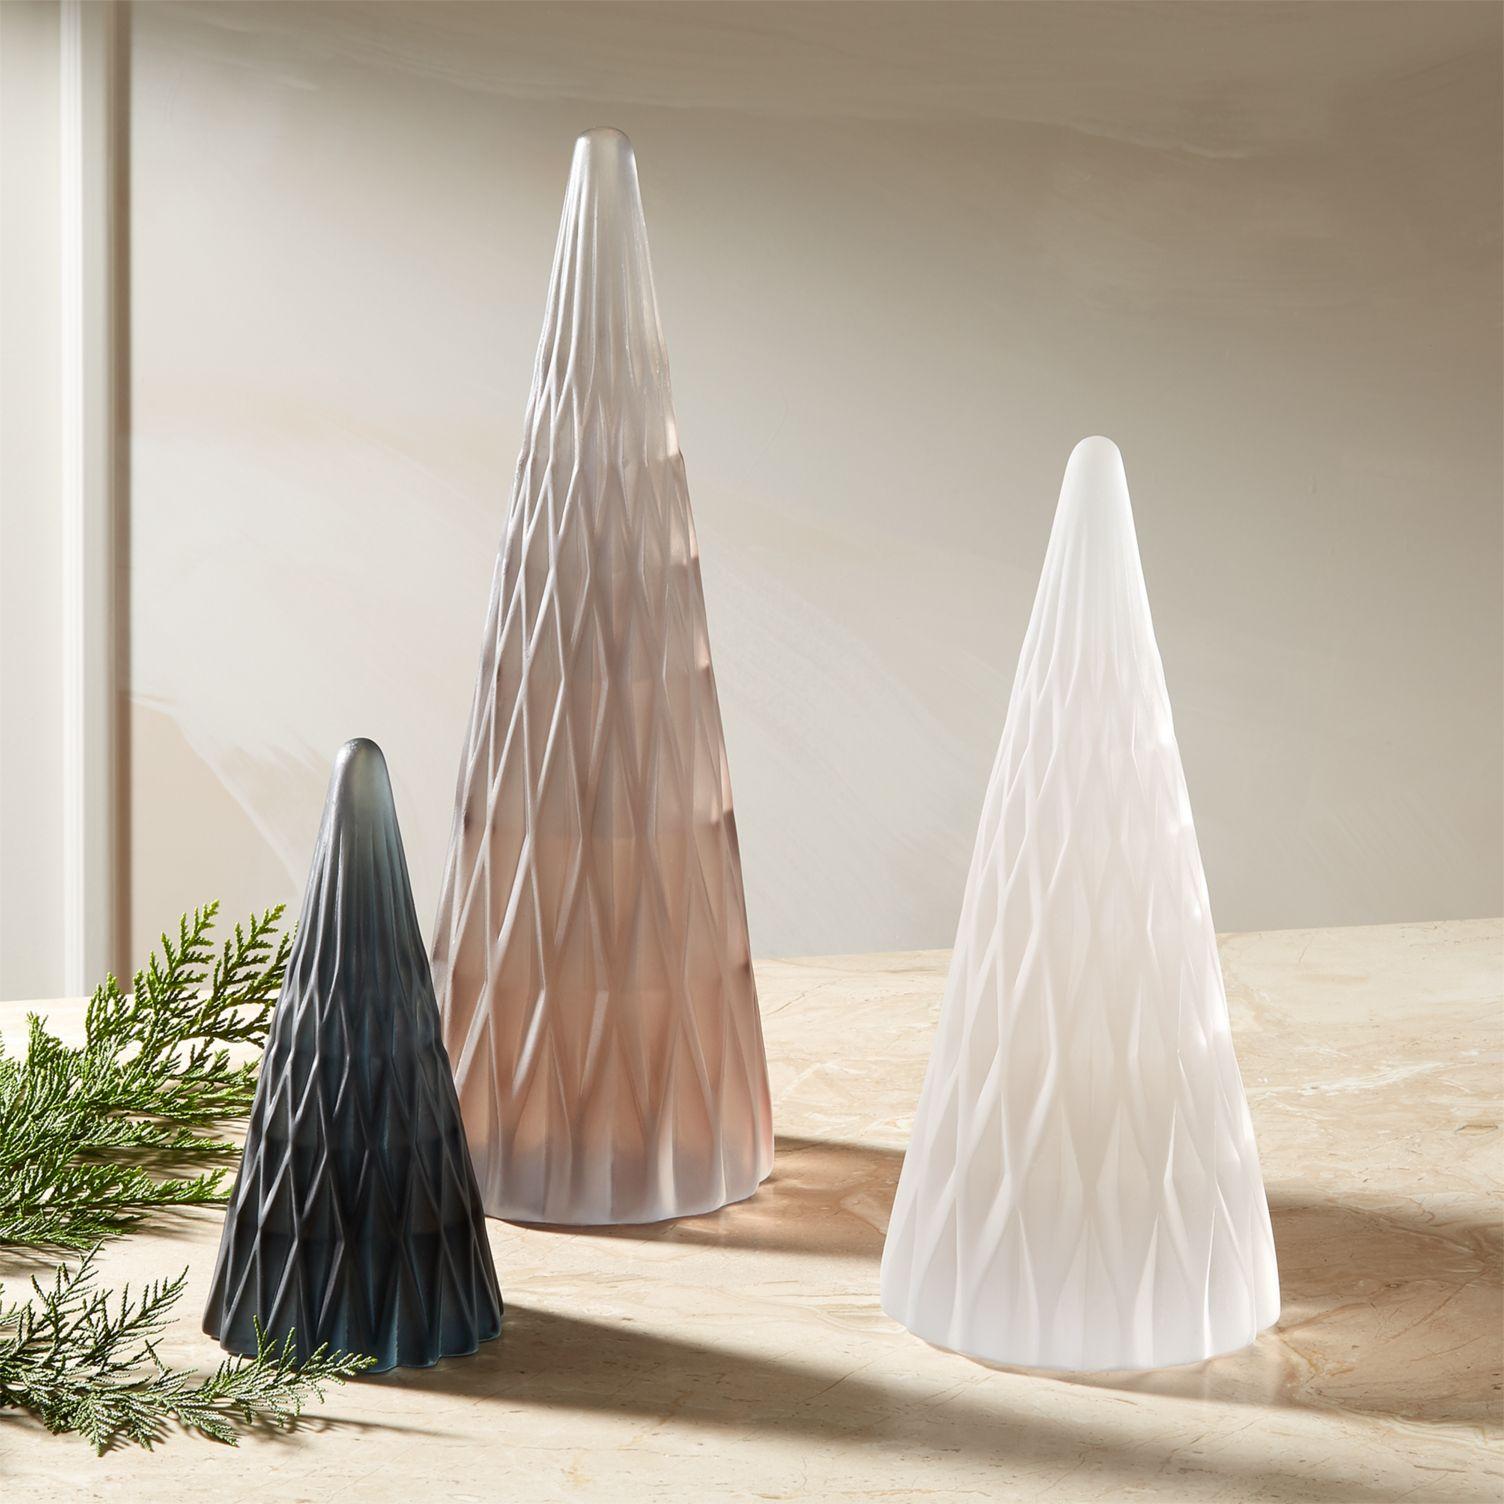 Modern resin trees from CB2